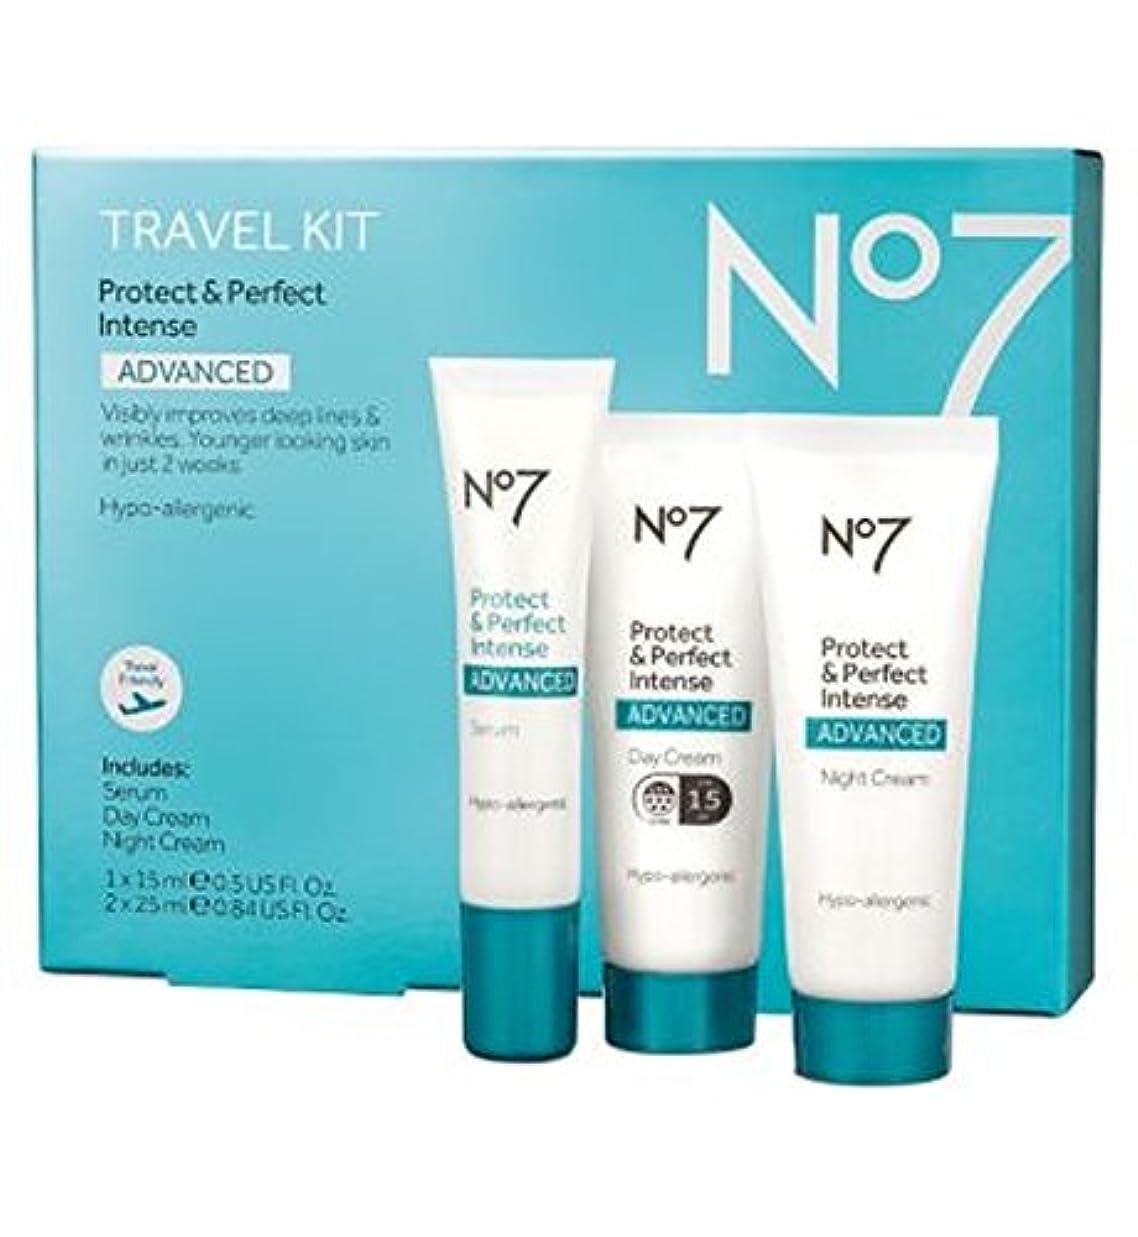 不完全ハプニング小川No7 Protect & Perfect Intense ADVANCED Travel Kit - No7保護&完璧な強烈な高度な旅行キット (No7) [並行輸入品]